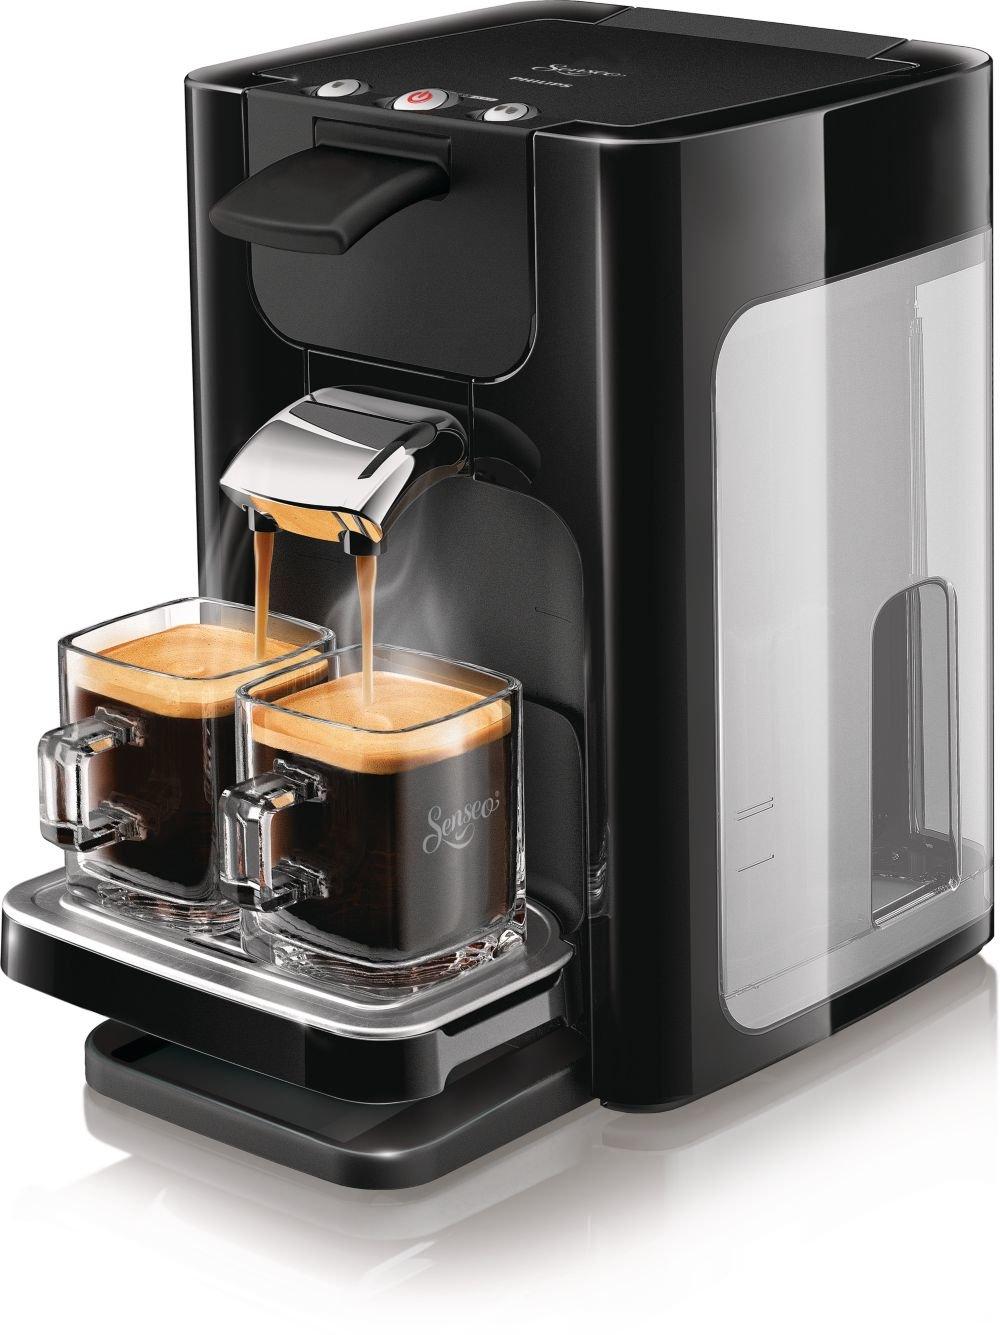 Senseo kaffeemaschine philips